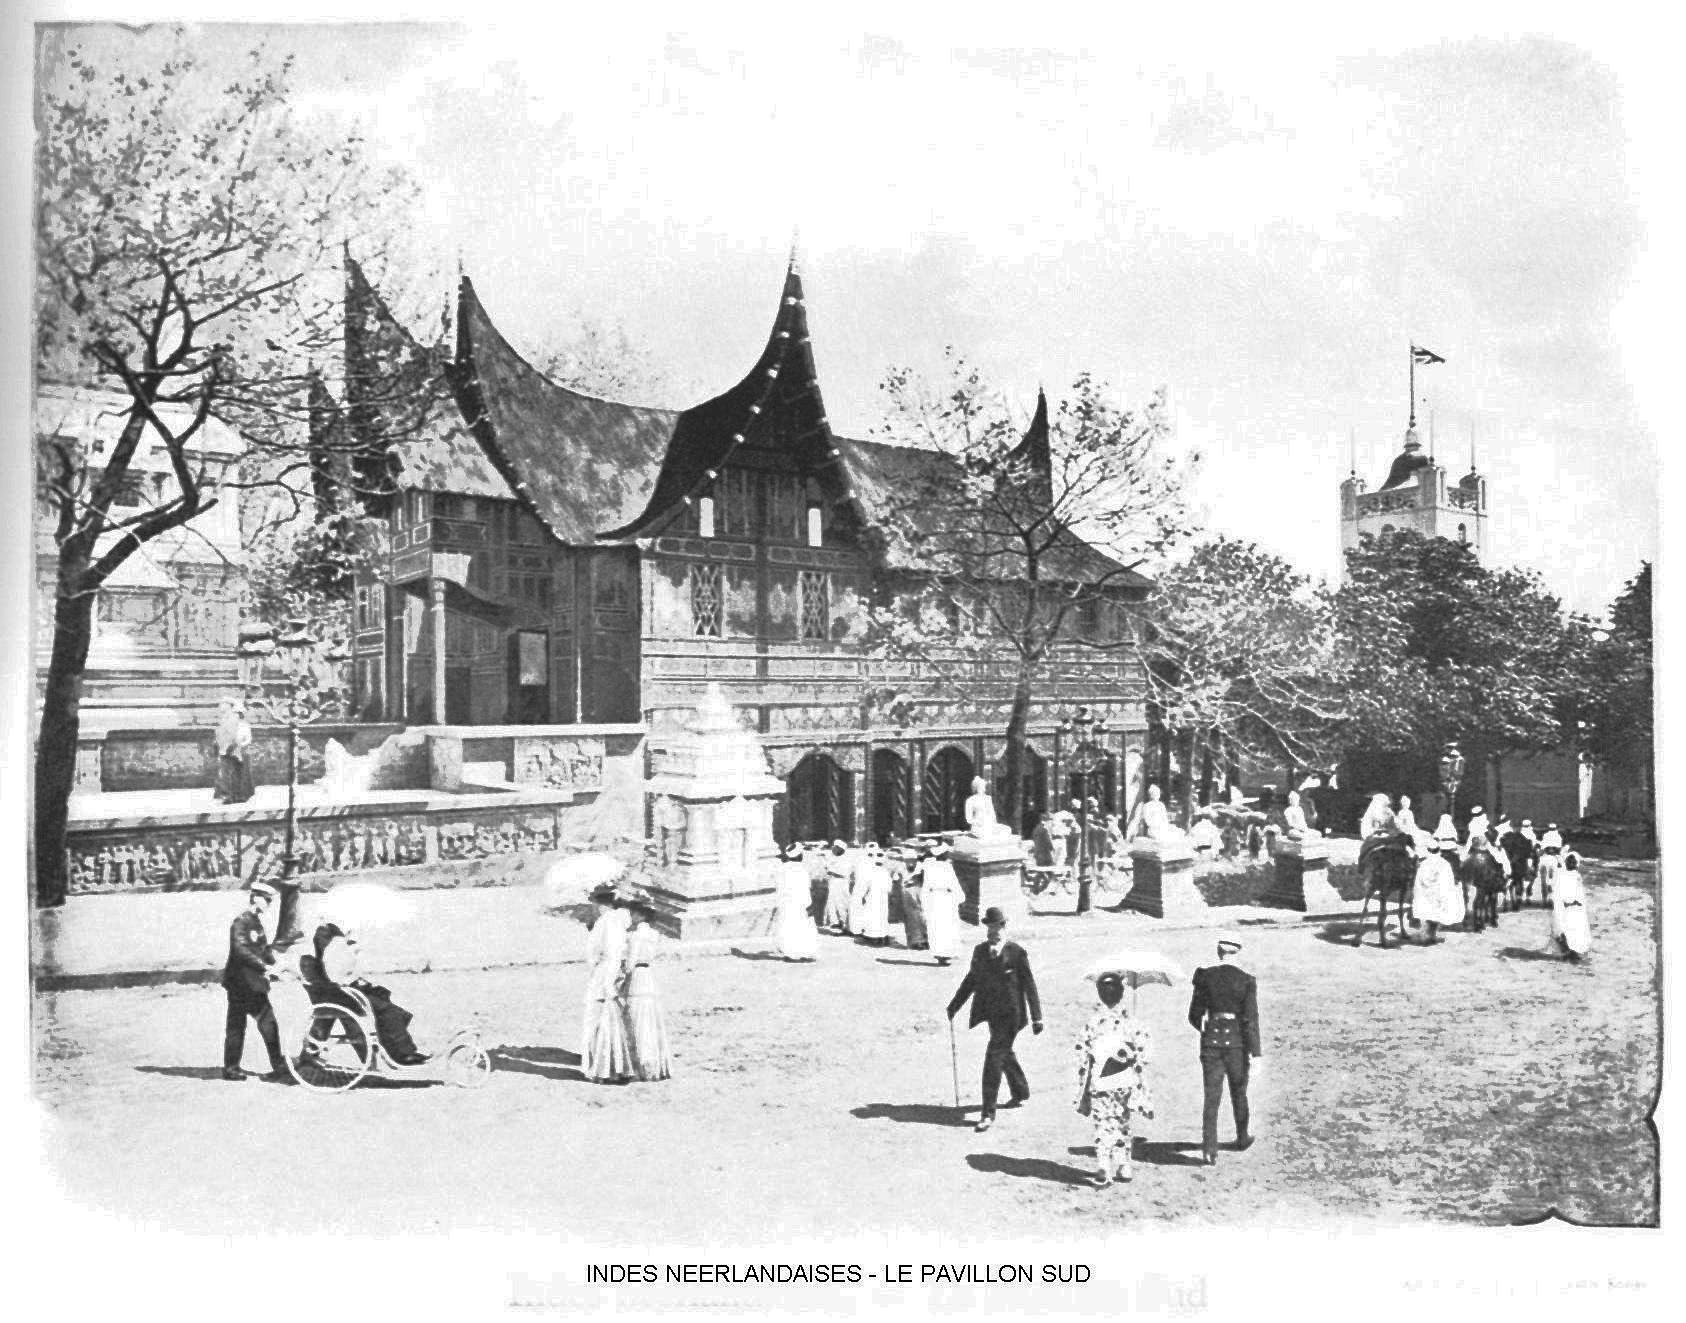 Ressources histoire exposition universelle 1900 indes neerlandaises le pavillon sud